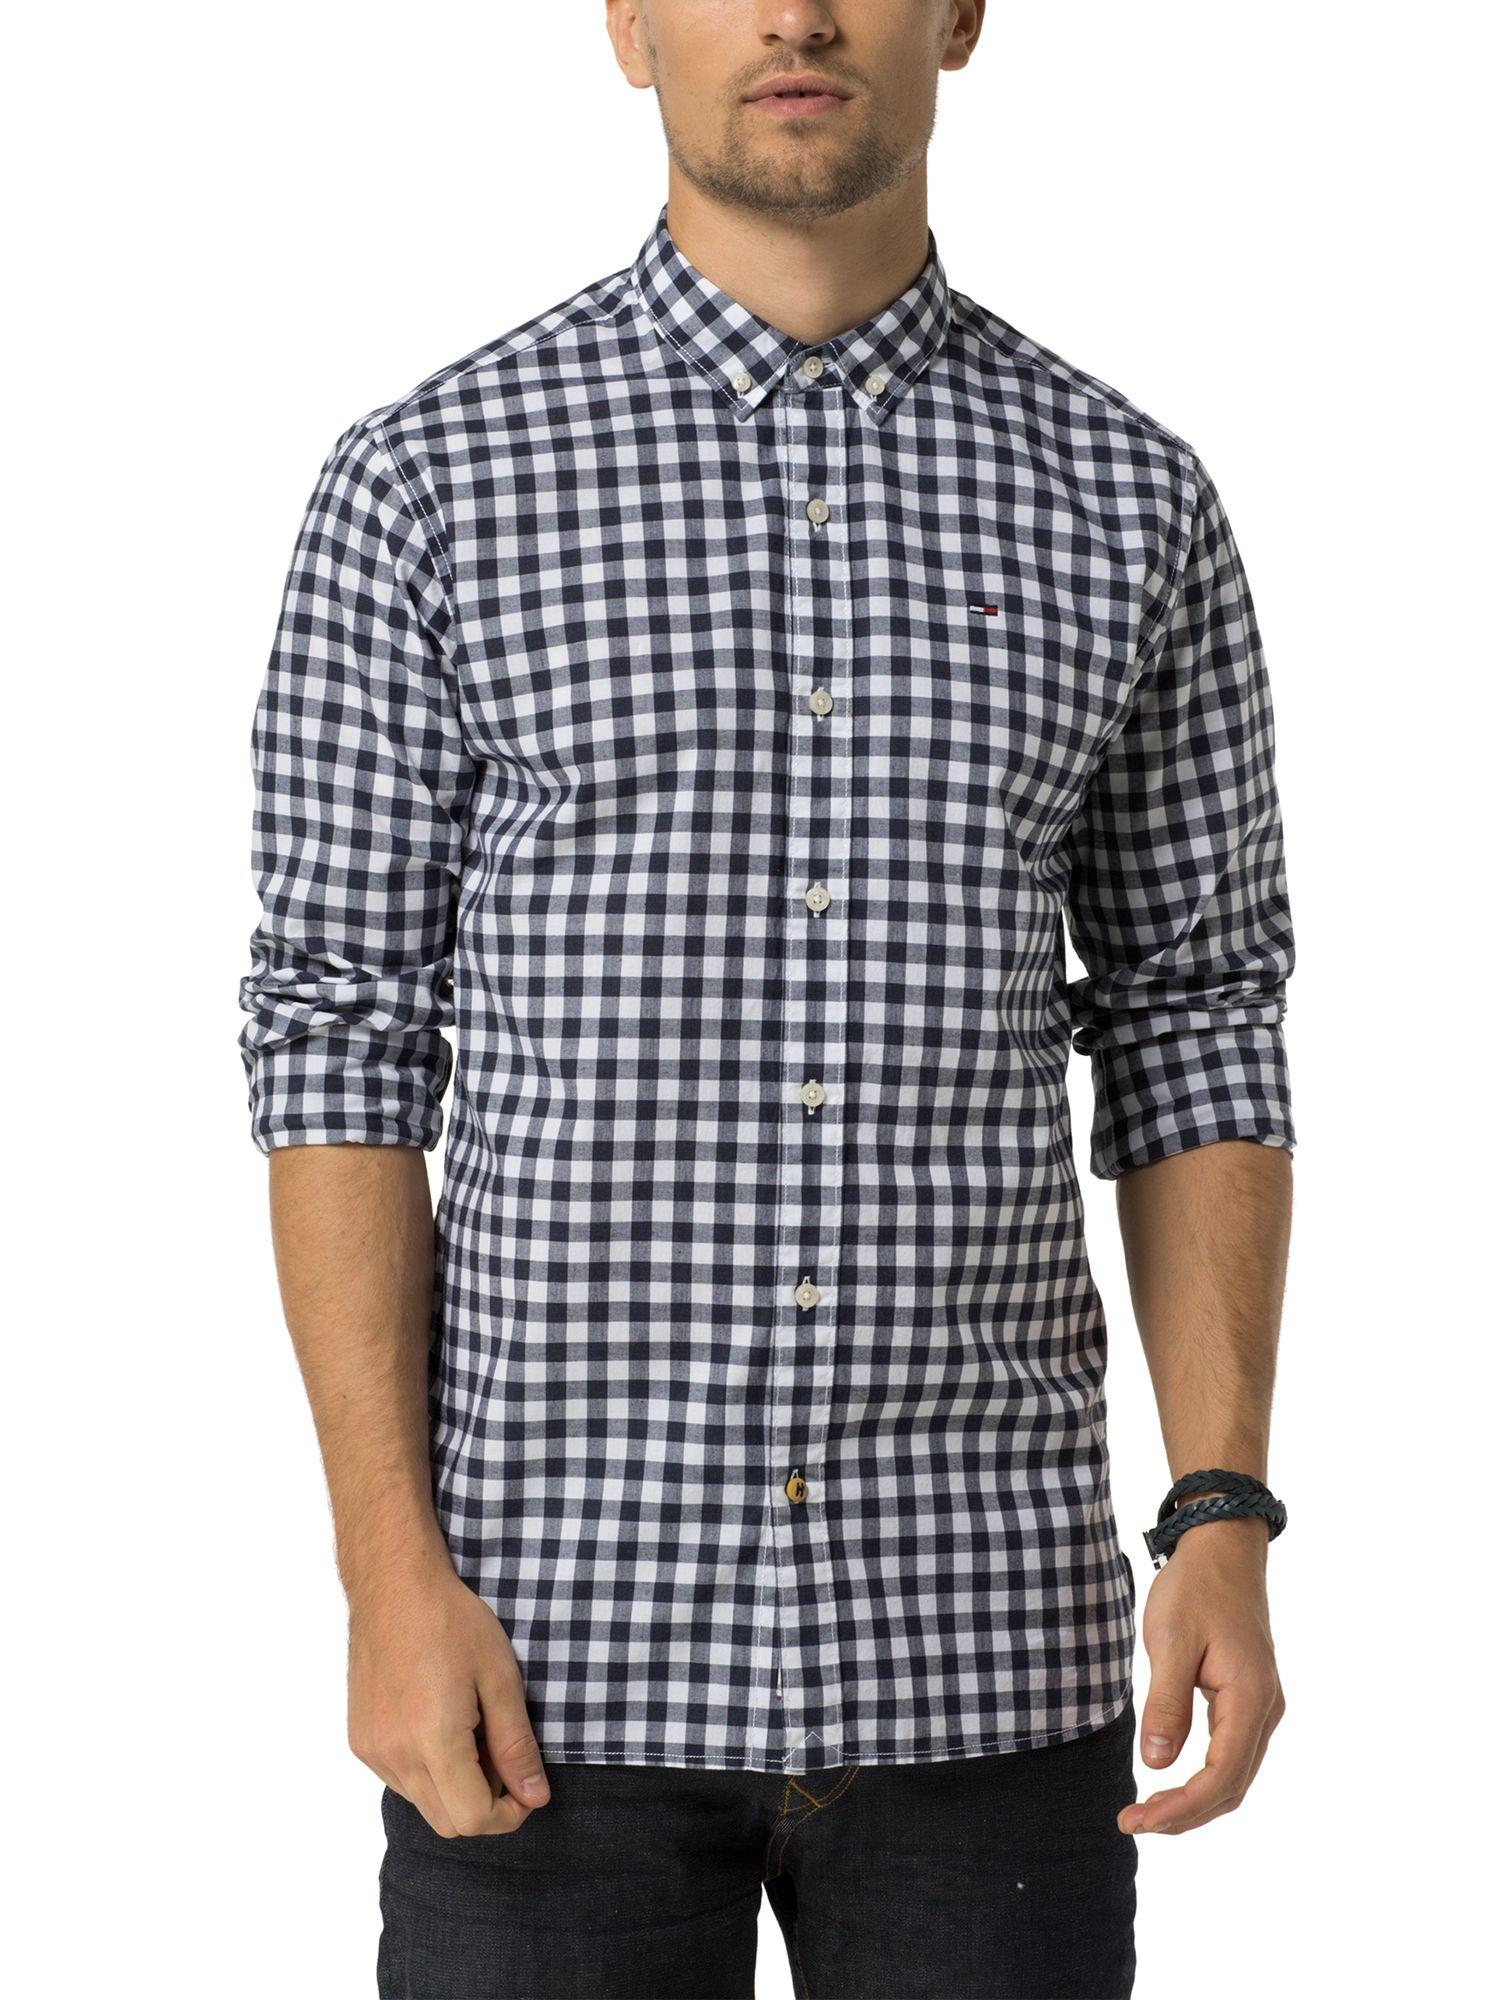 Lyst Tommy Hilfiger Basic Gingham Shirt In Blue For Men